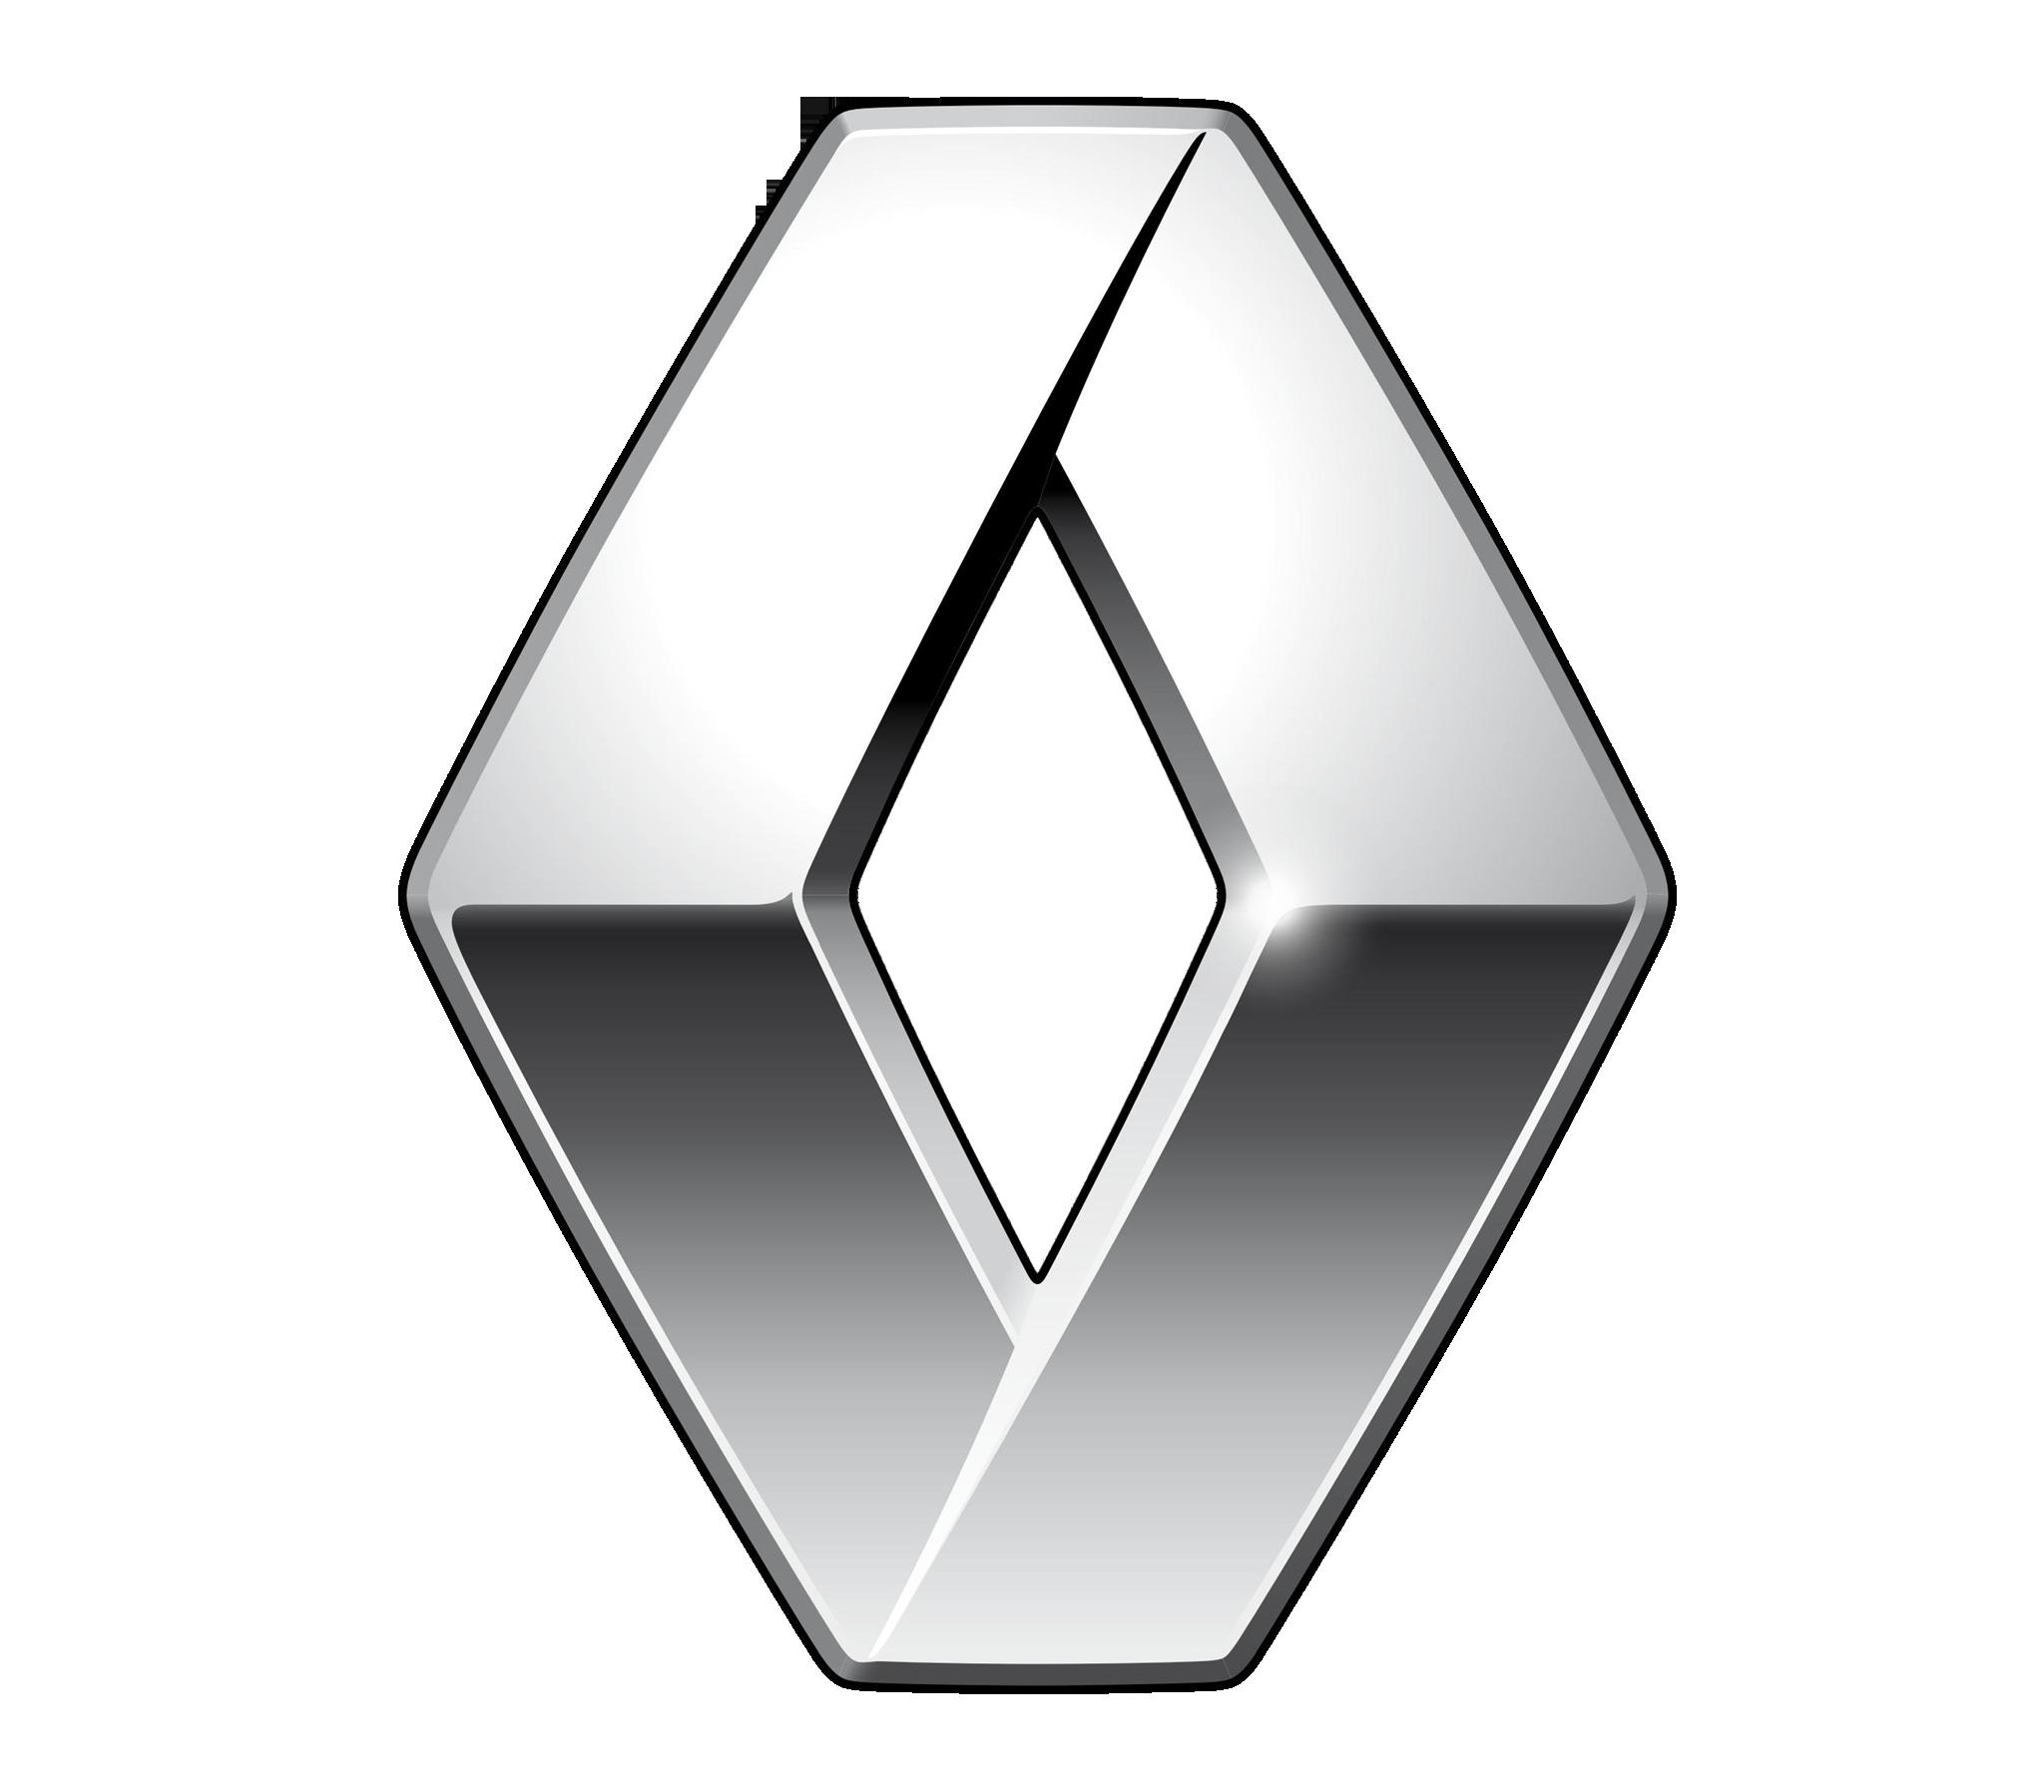 Renault Master ilgalaikė automobilių nuoma | Sixt Leasing